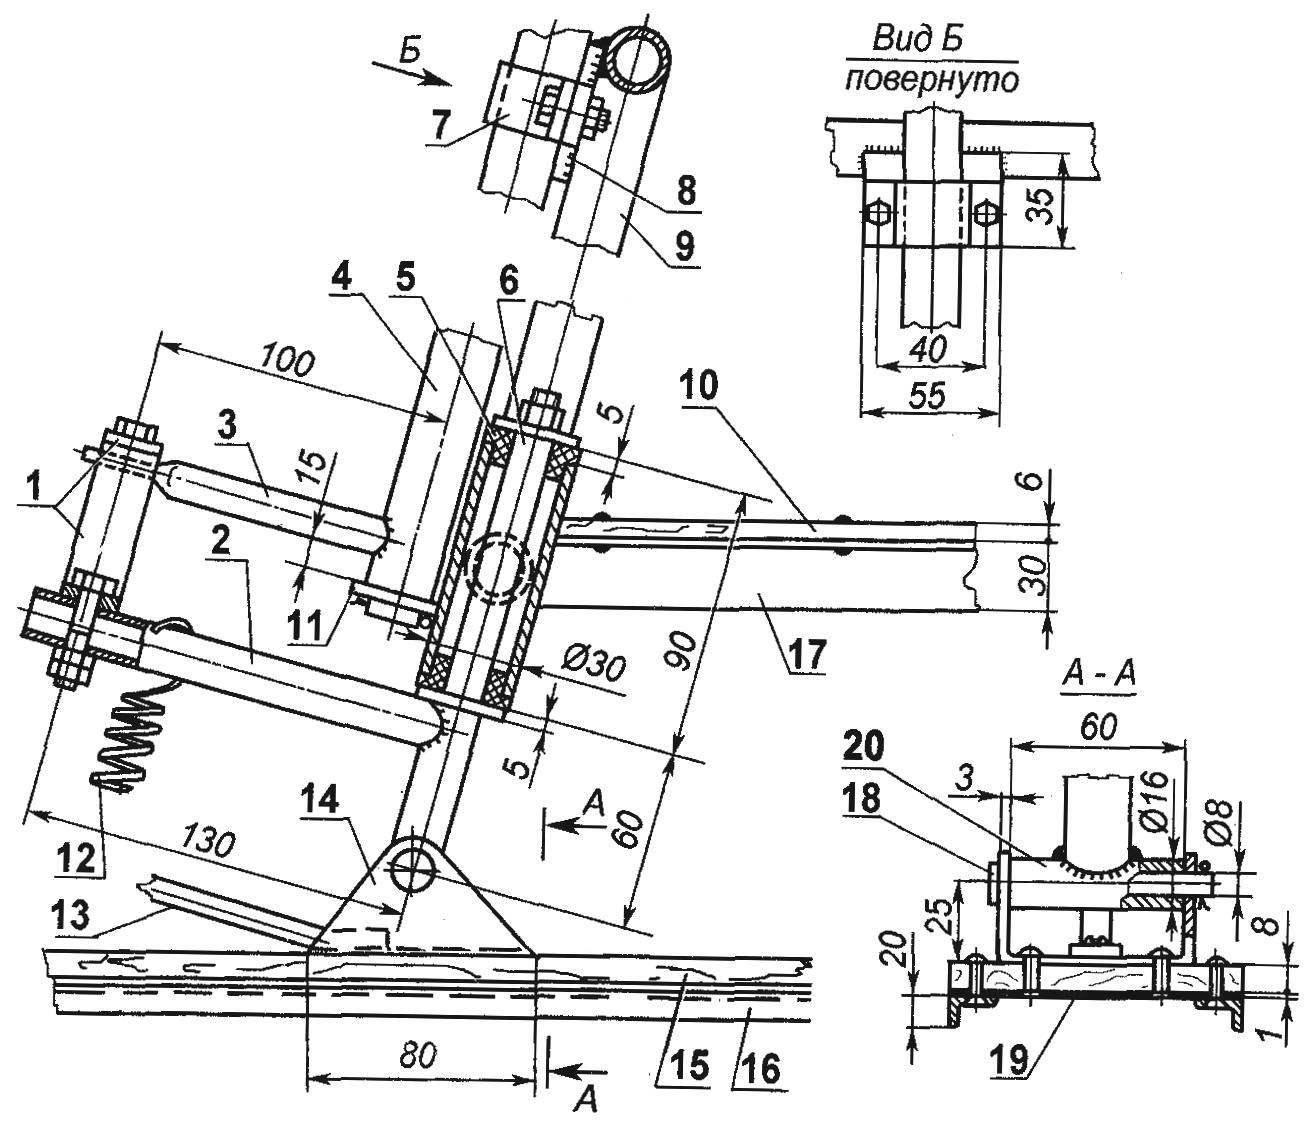 Рулевой механизм (крепежные детали — болты М6 и заклепки — позициями не обозначены)